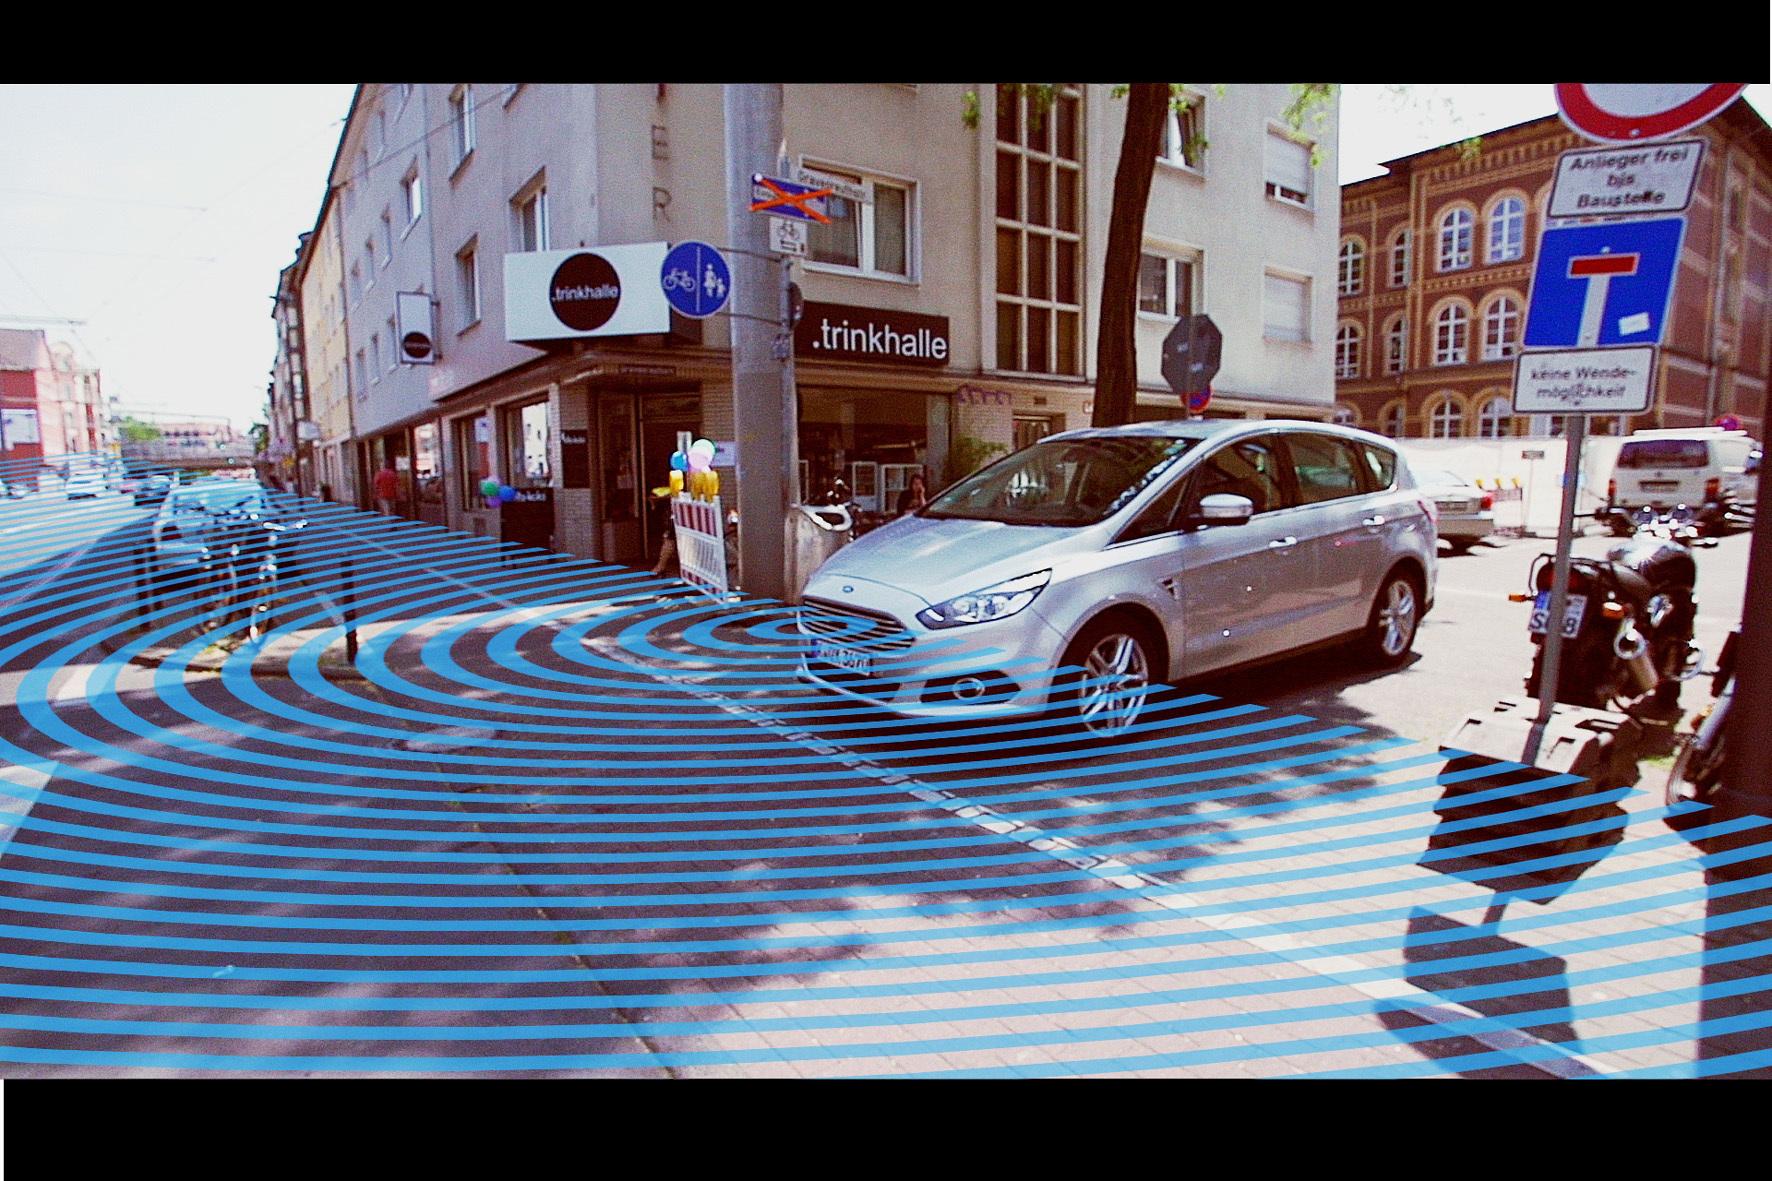 mid Köln - Das von Autobauer Ford entwickelte magische Auge kann um die Ecke gucken. Damit sollen gefährliche Situationen mit dem seitlich nahenden Straßenverkehr frühzeitig erkannt und so vermieden werden.